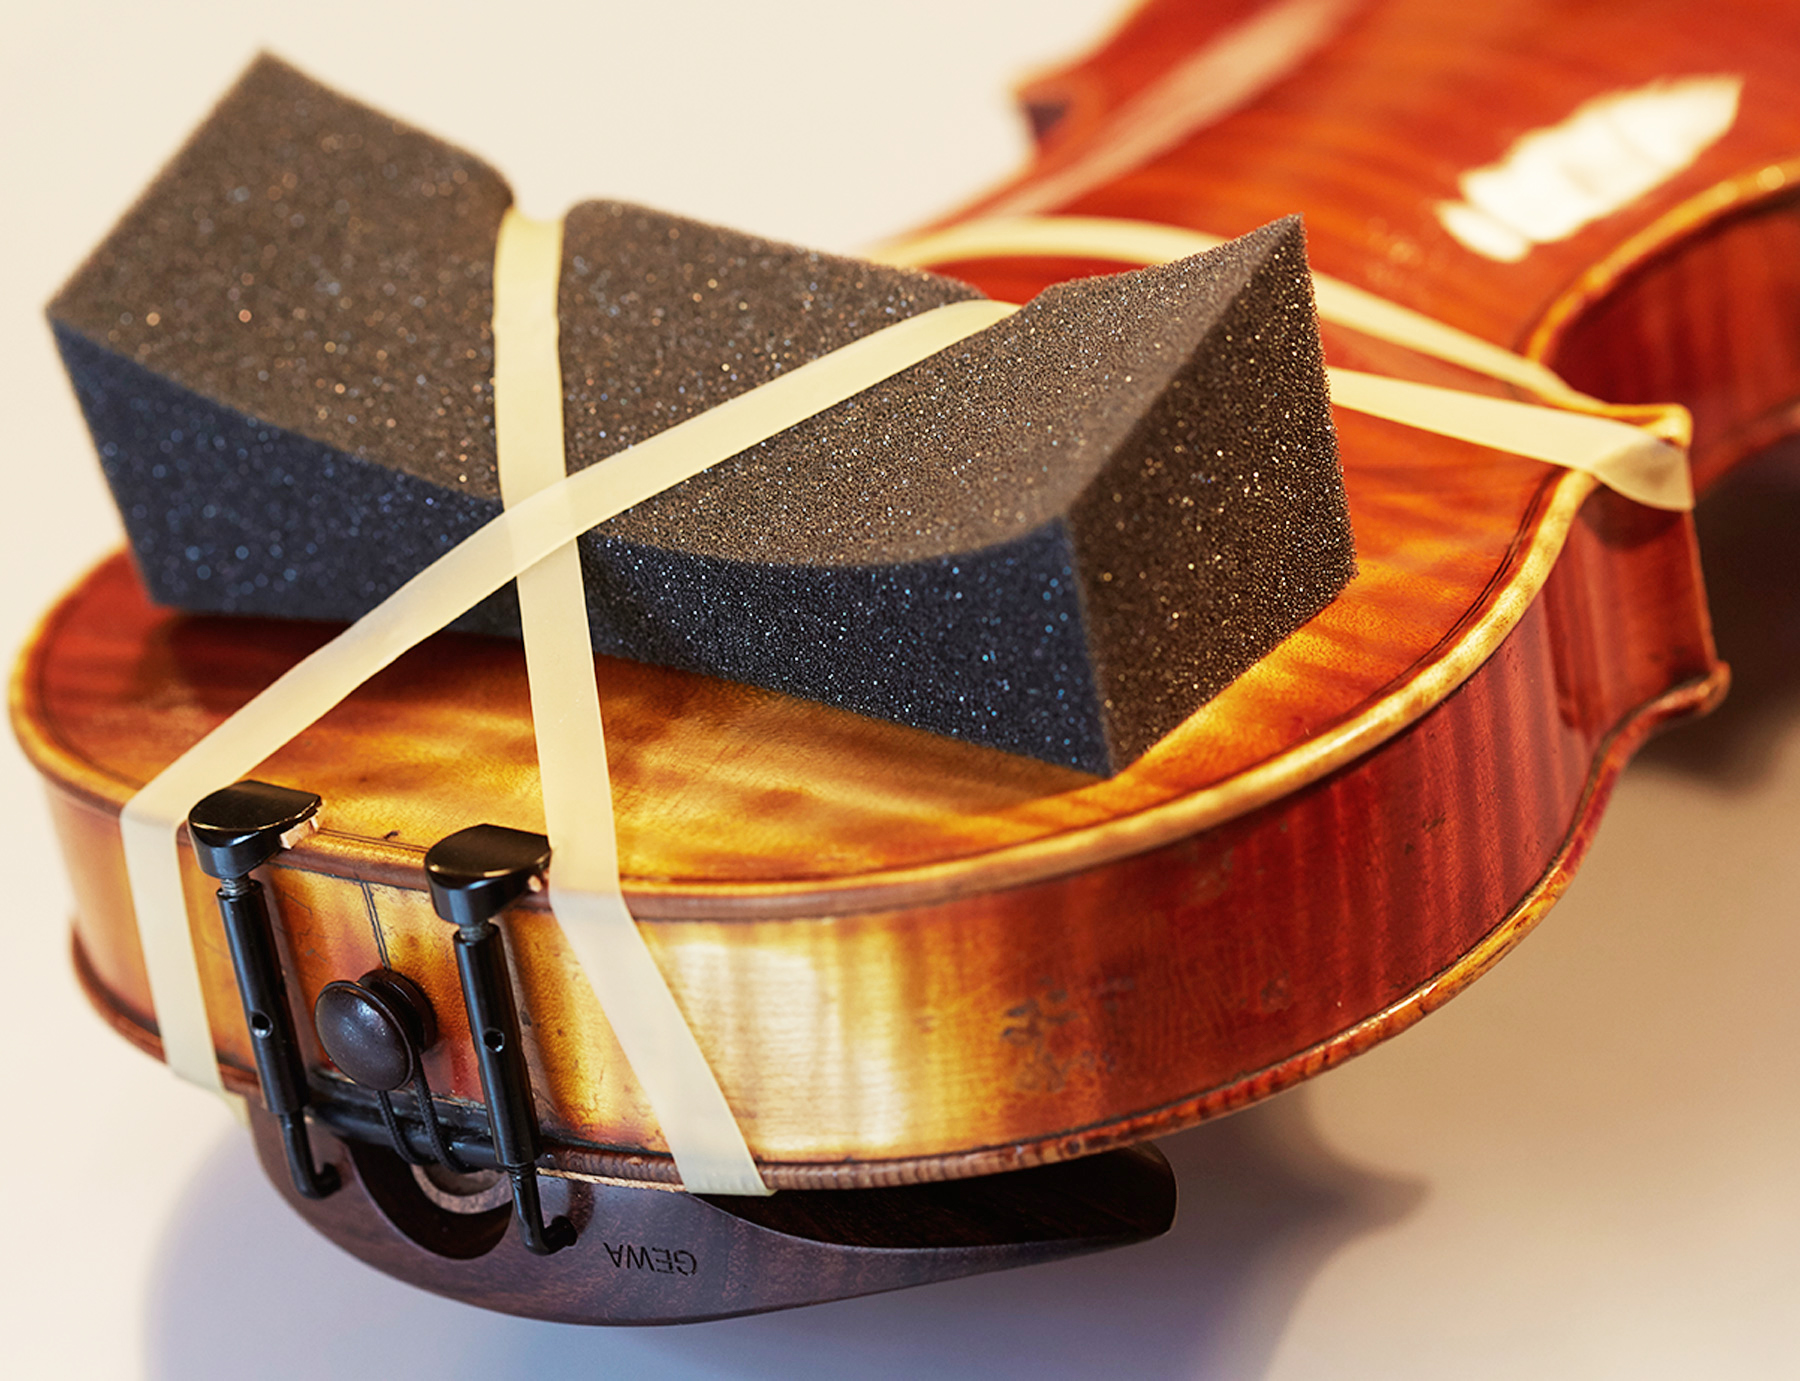 Clementino® Schulterstütze für Streichinstrumente, Atelier Alfredo Clemente Köln. Foto © Jan Röhrmann